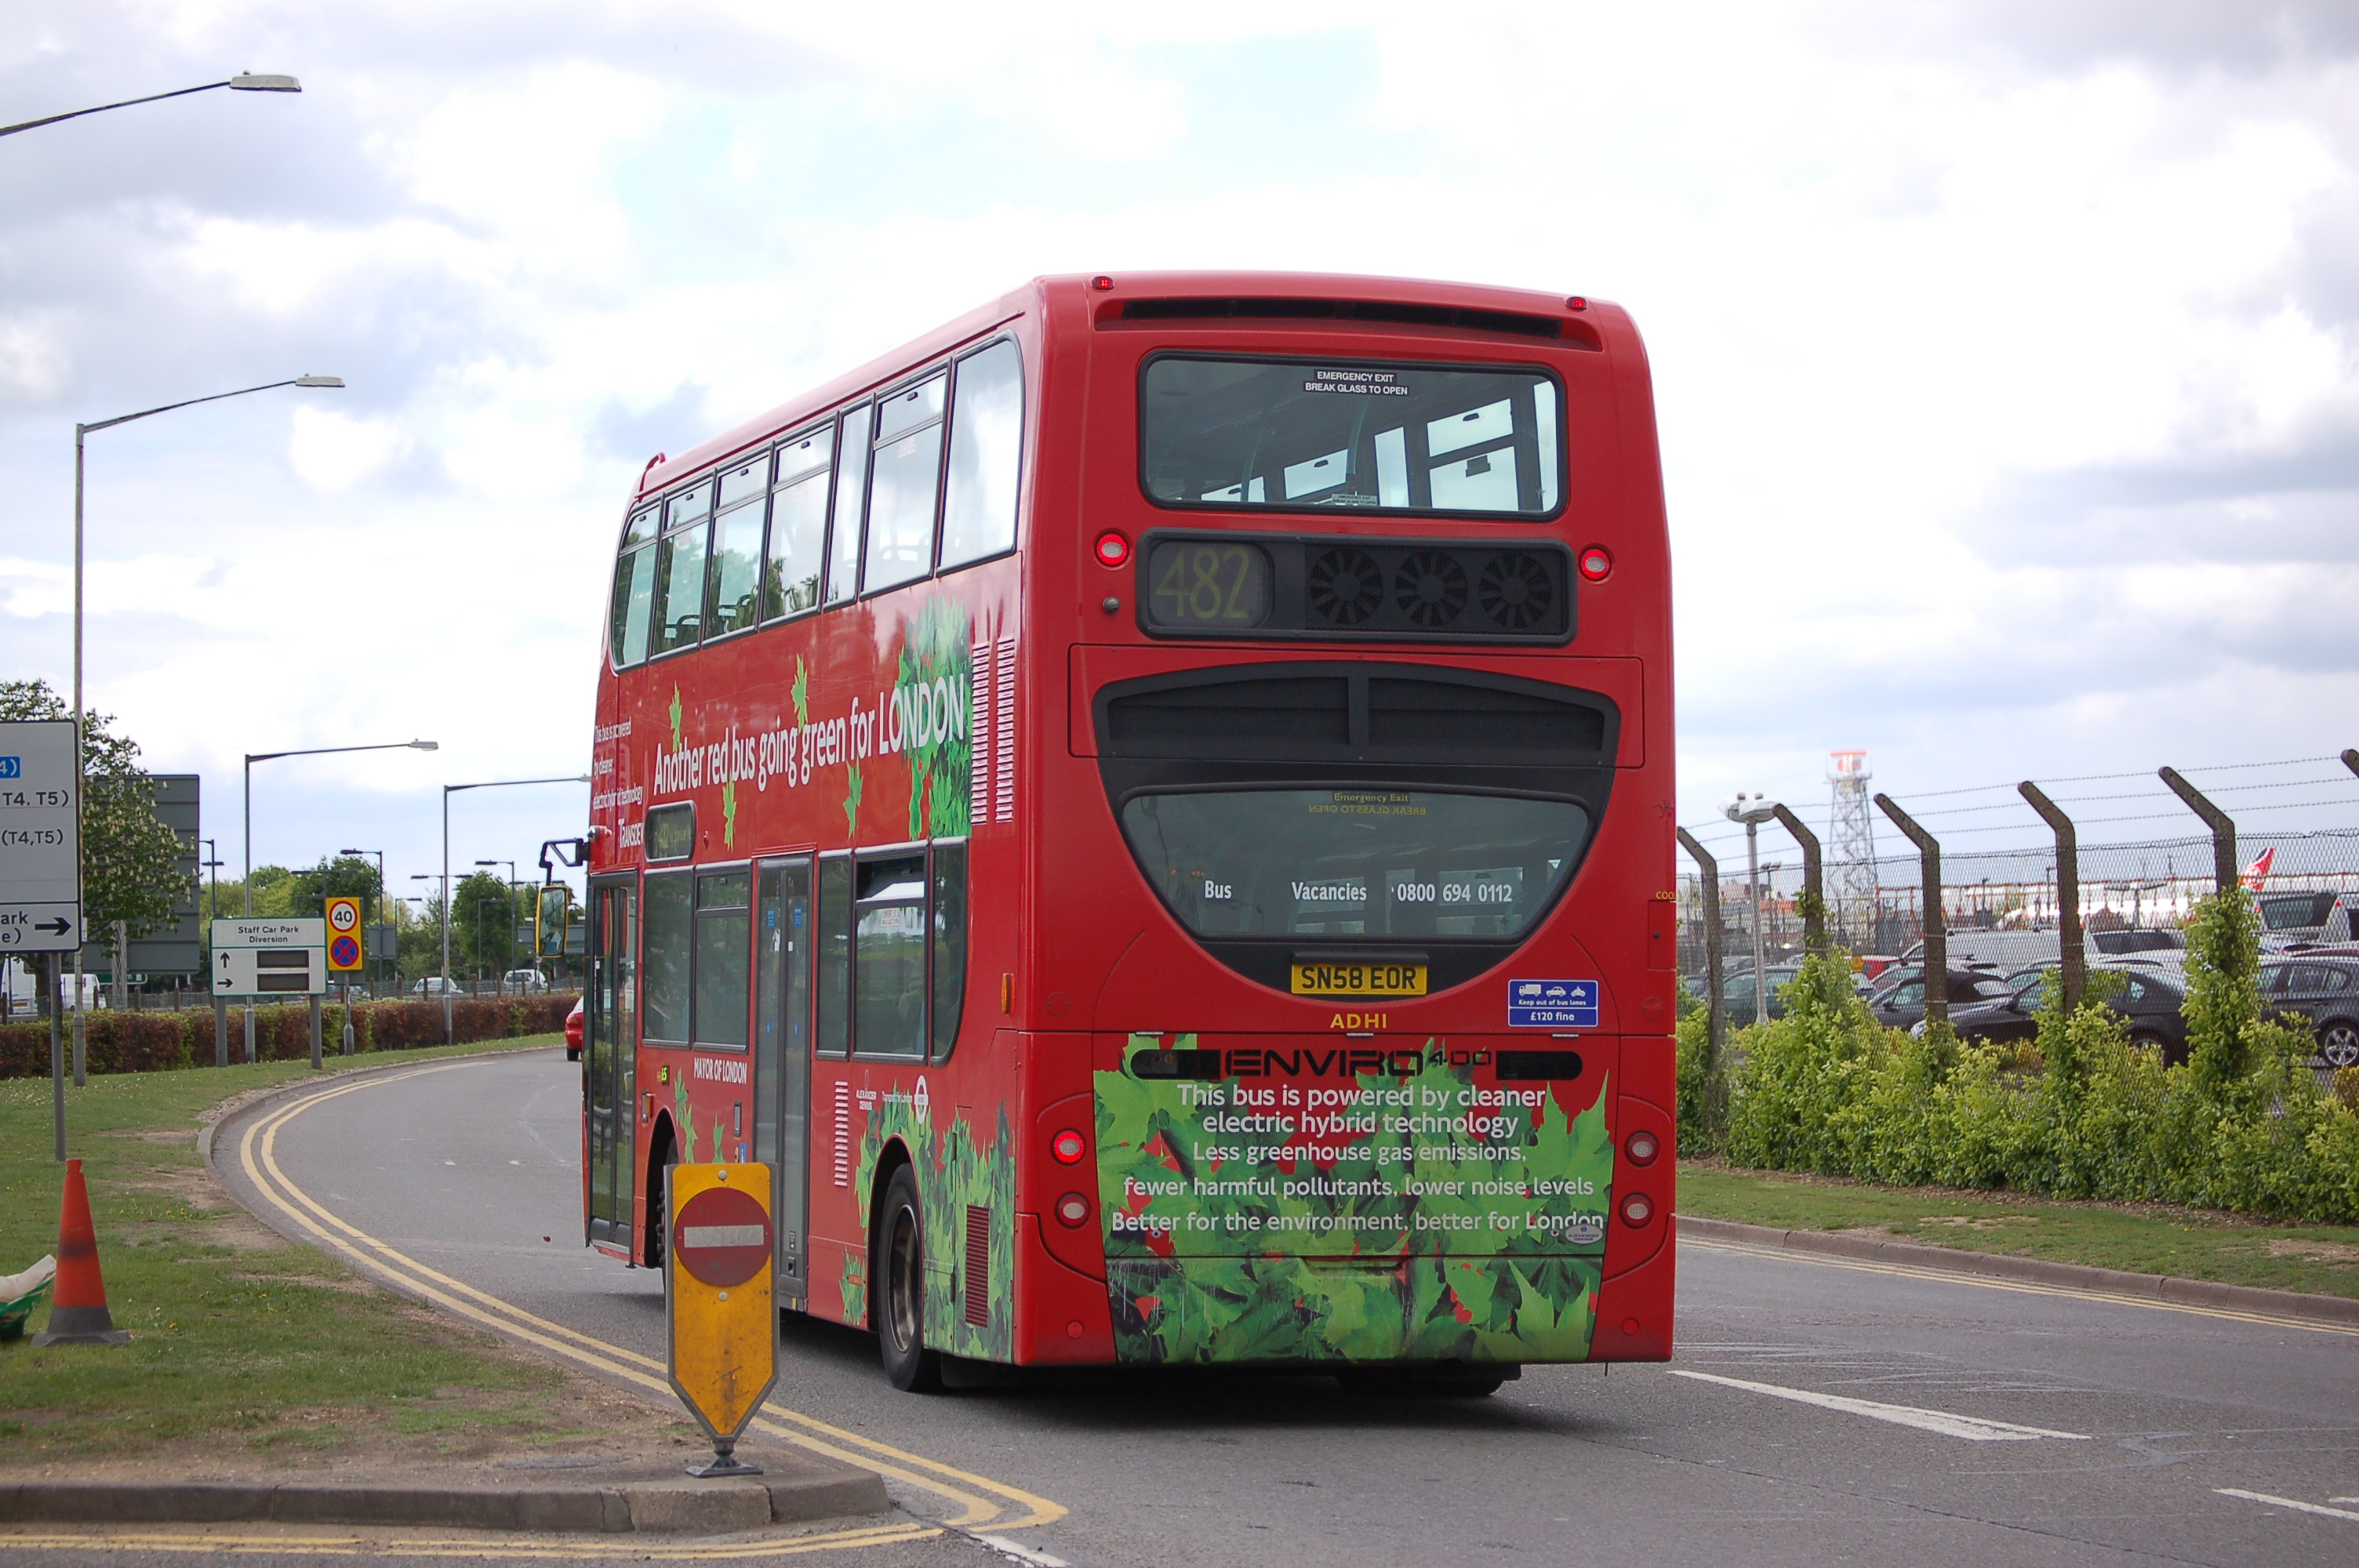 Hybrid Technology History File:a Hybrid Technology Bus